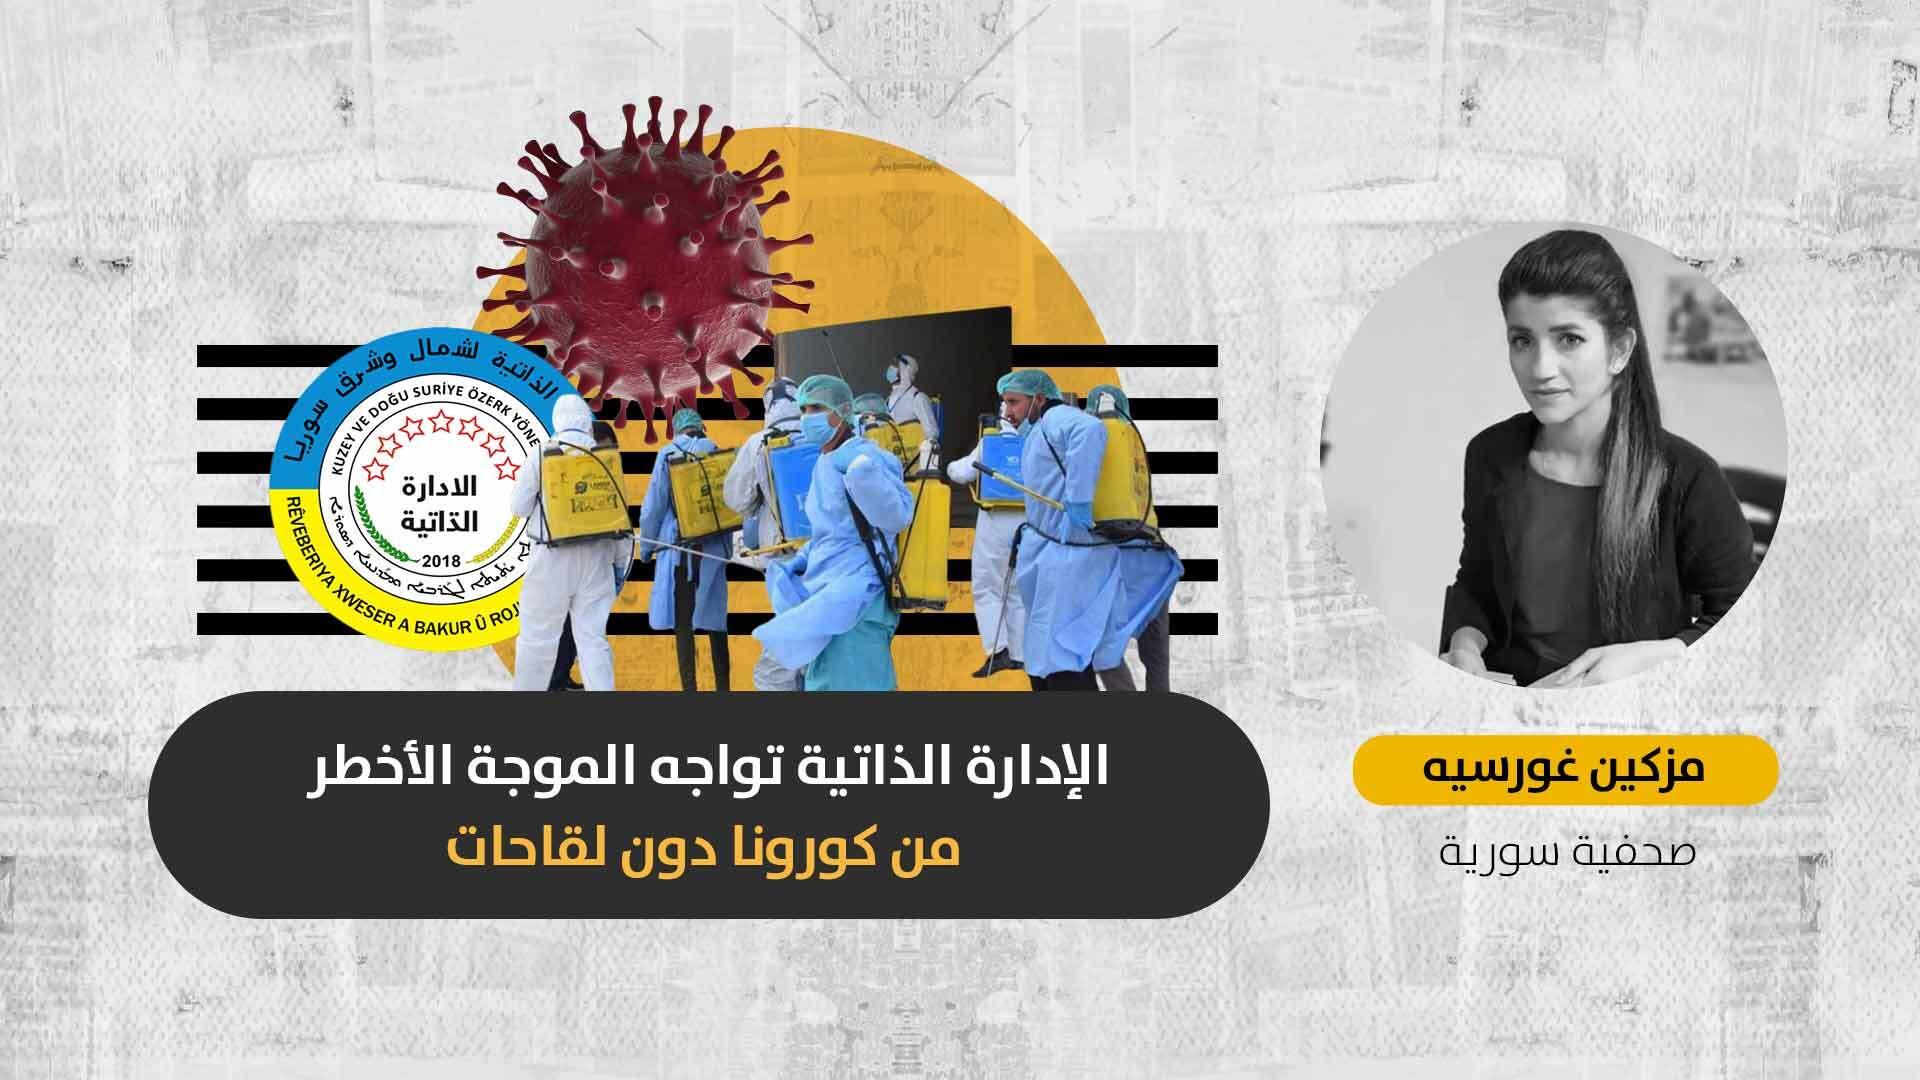 موجة كورونا الثالثة: كيف ستواجه الإدارة الذاتية الوباء في ظل عدم توفر اللقاحات وإغلاق المعابر مع الحكومة السورية